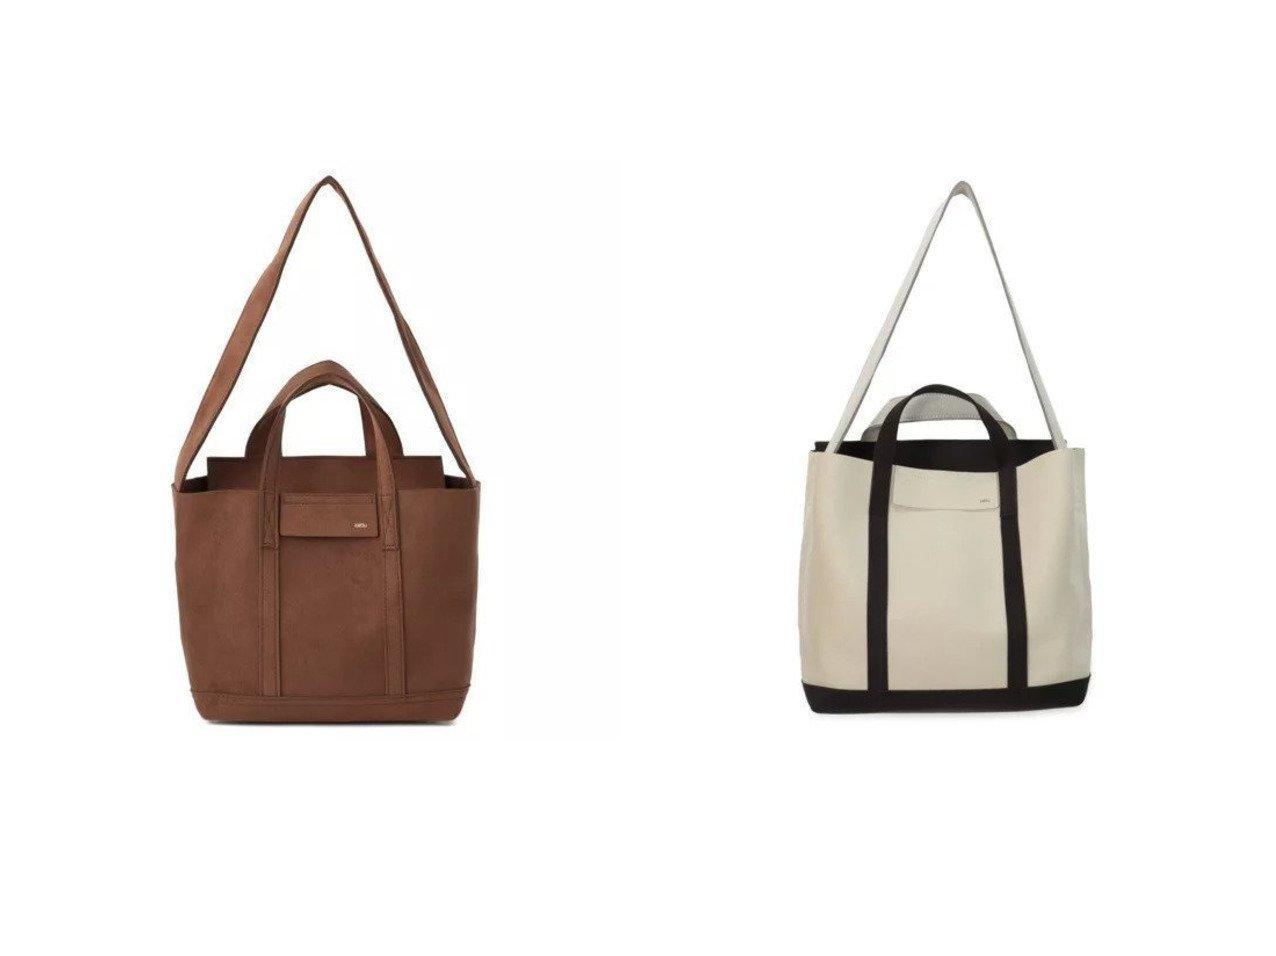 【zattu/ザッツ】のKINAX MULTI-1&NEPPA(ネッパ) バッグ・鞄のおすすめ!人気、トレンド・レディースファッションの通販 おすすめで人気の流行・トレンド、ファッションの通販商品 メンズファッション・キッズファッション・インテリア・家具・レディースファッション・服の通販 founy(ファニー) https://founy.com/ ファッション Fashion レディースファッション WOMEN バッグ Bag 2020年 2020 2020-2021 秋冬 A/W AW Autumn/Winter / FW Fall-Winter 2020-2021 A/W 秋冬 AW Autumn/Winter / FW Fall-Winter シンプル スウェード フラップ ラップ ショルダー  ID:crp329100000016332